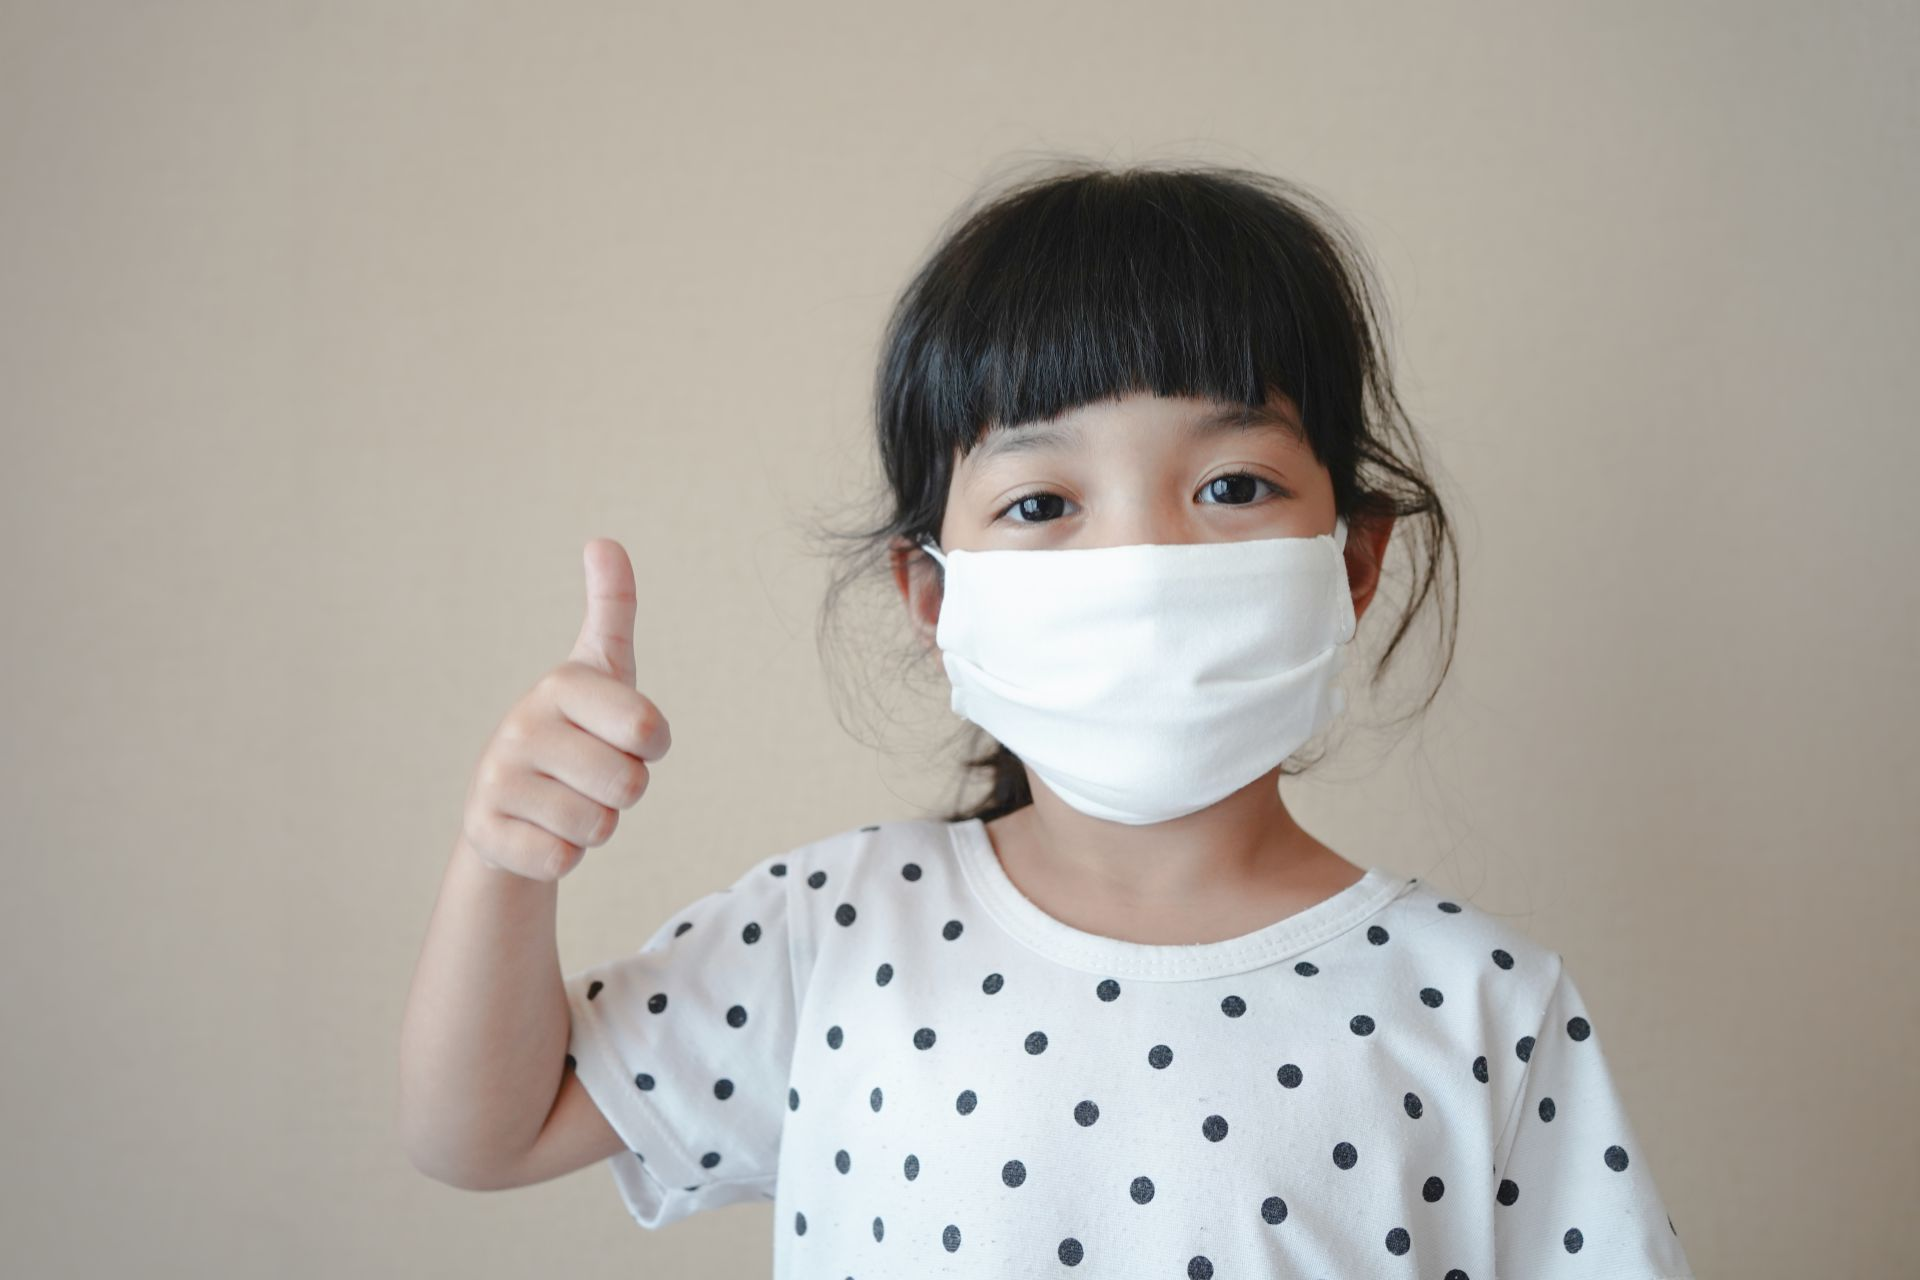 Faktor Risiko Si Kecil Rentan Terinfeksi Virus Corona